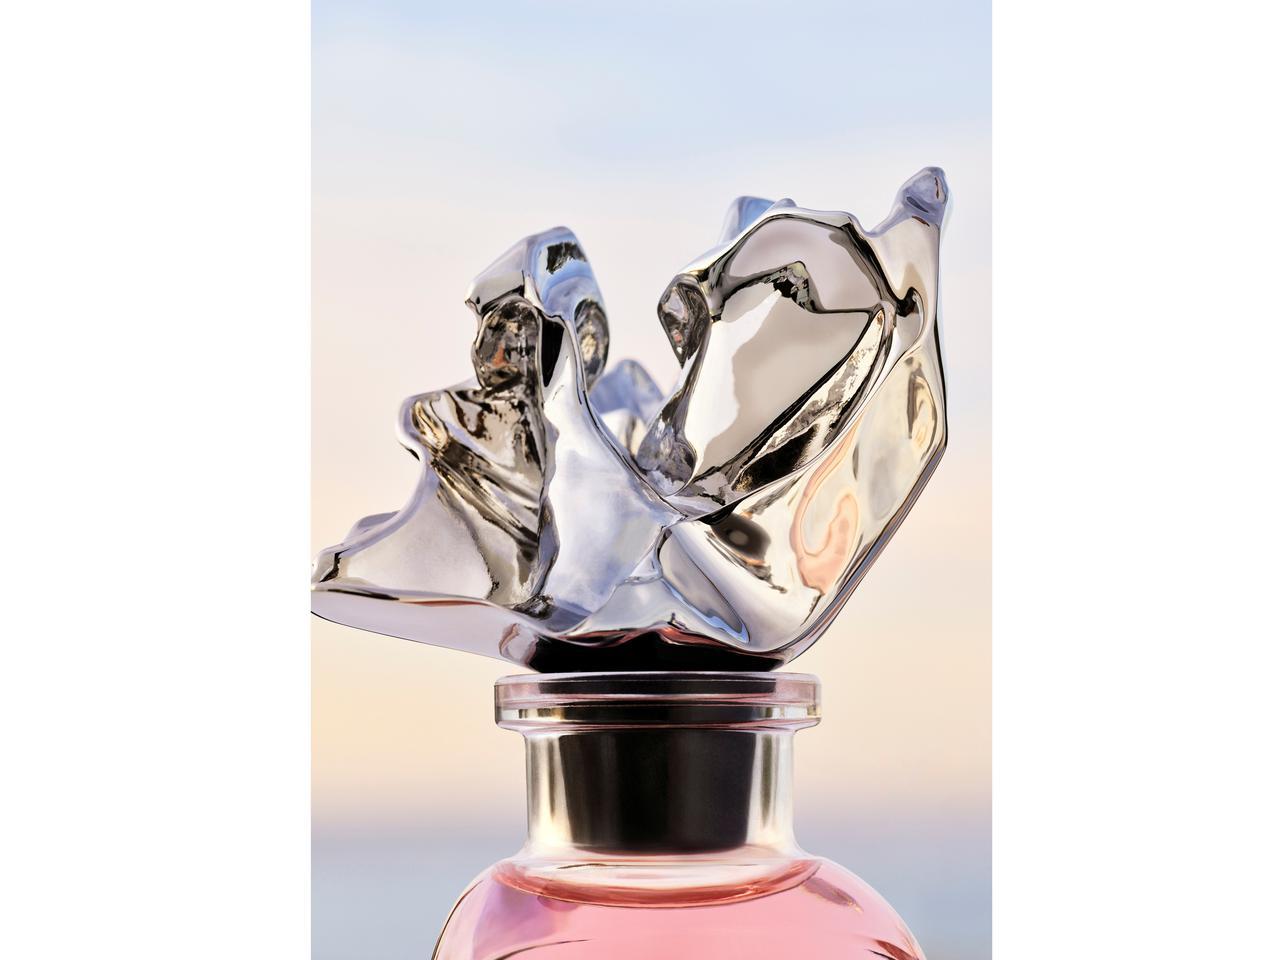 画像2: ルイ・ヴィトン、建築家フランク・ゲーリーとコラボ香水を発表